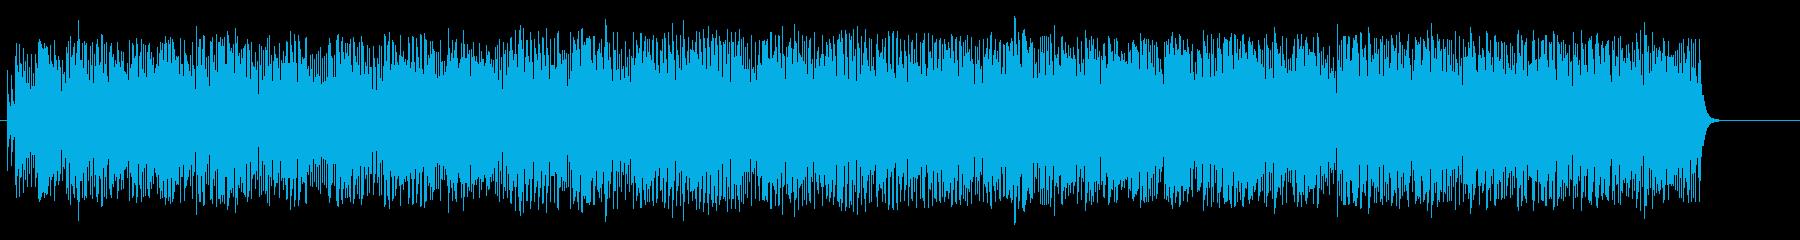 よく知られている曲「Tippera...の再生済みの波形